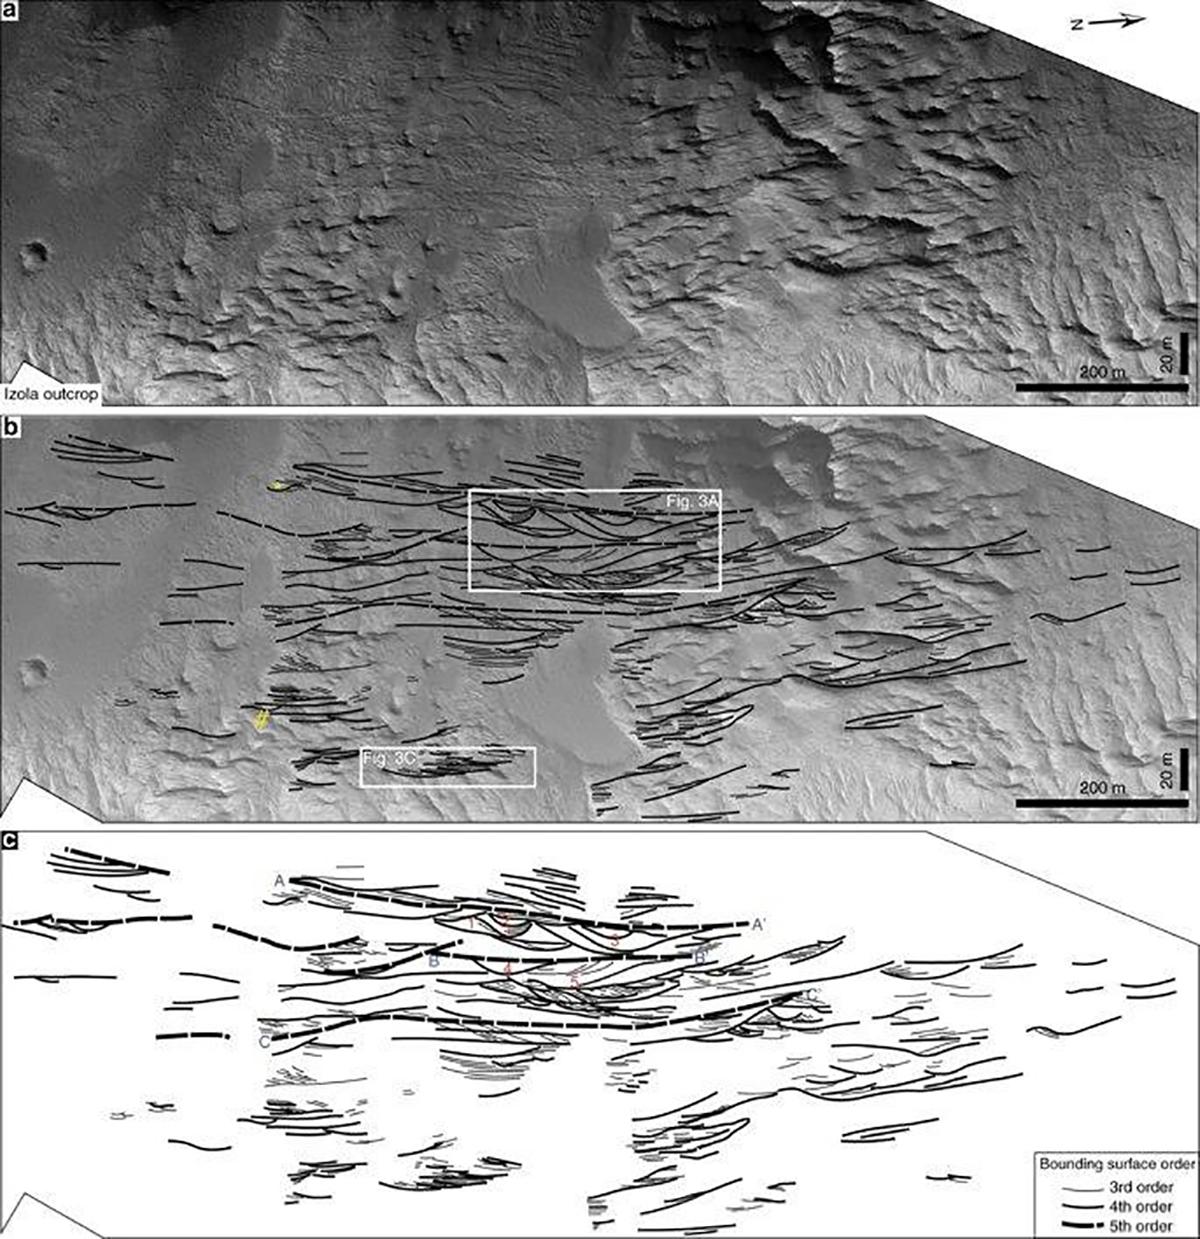 Antigos sistemas fluviais em Marte